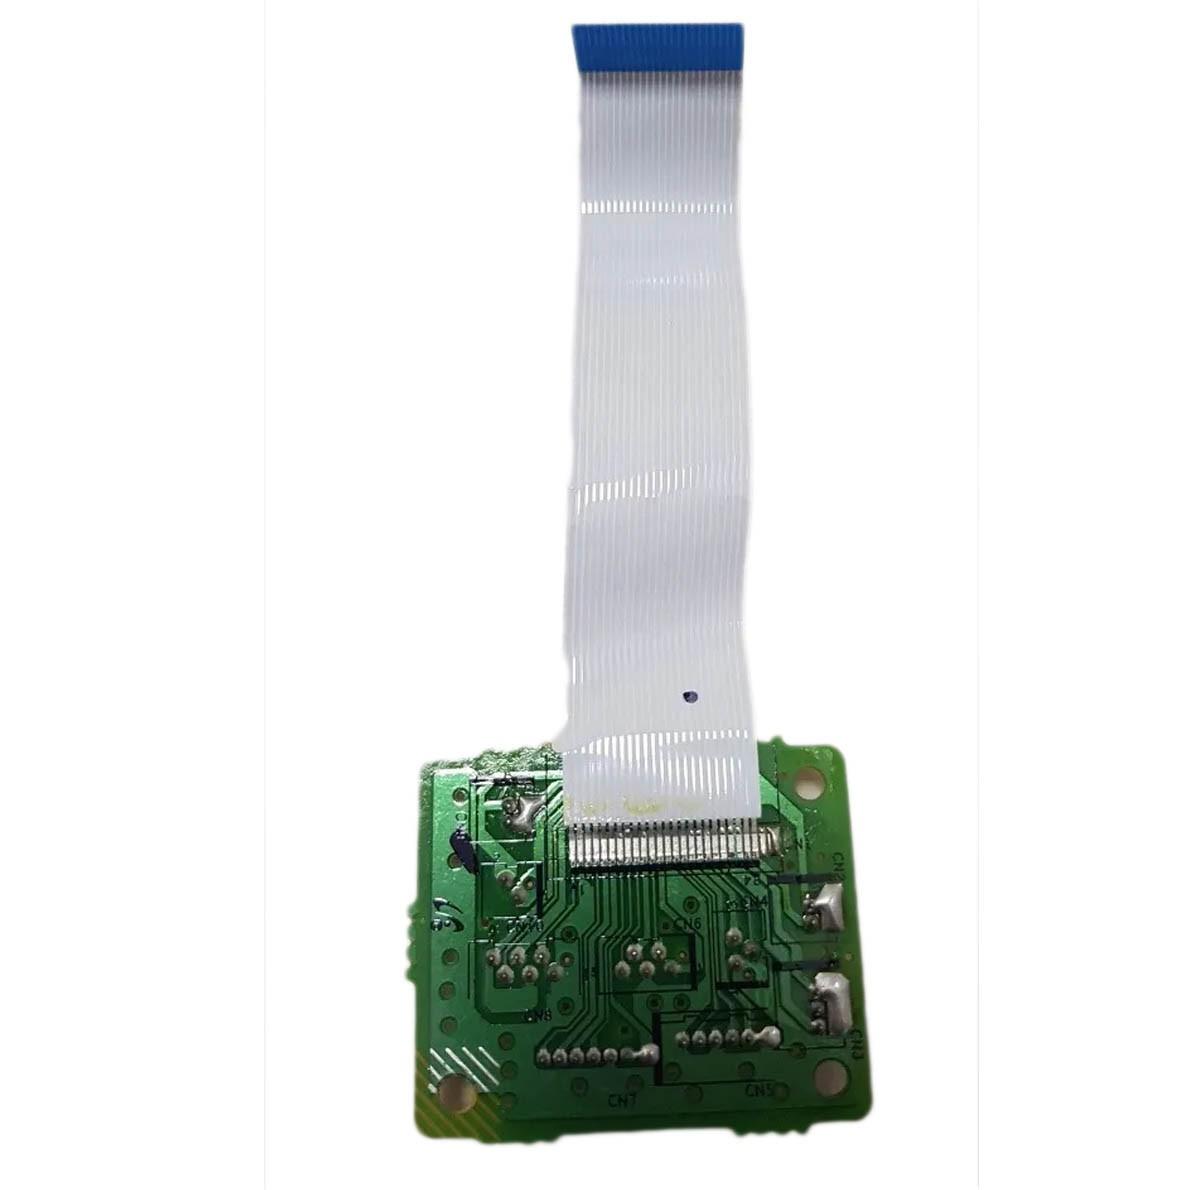 Placa Carlsen Connection + Cabo Flat Multifuncional Samsung CLP365W CLX-3305W SLC-410W S PN:jc41-00761a - Retirado